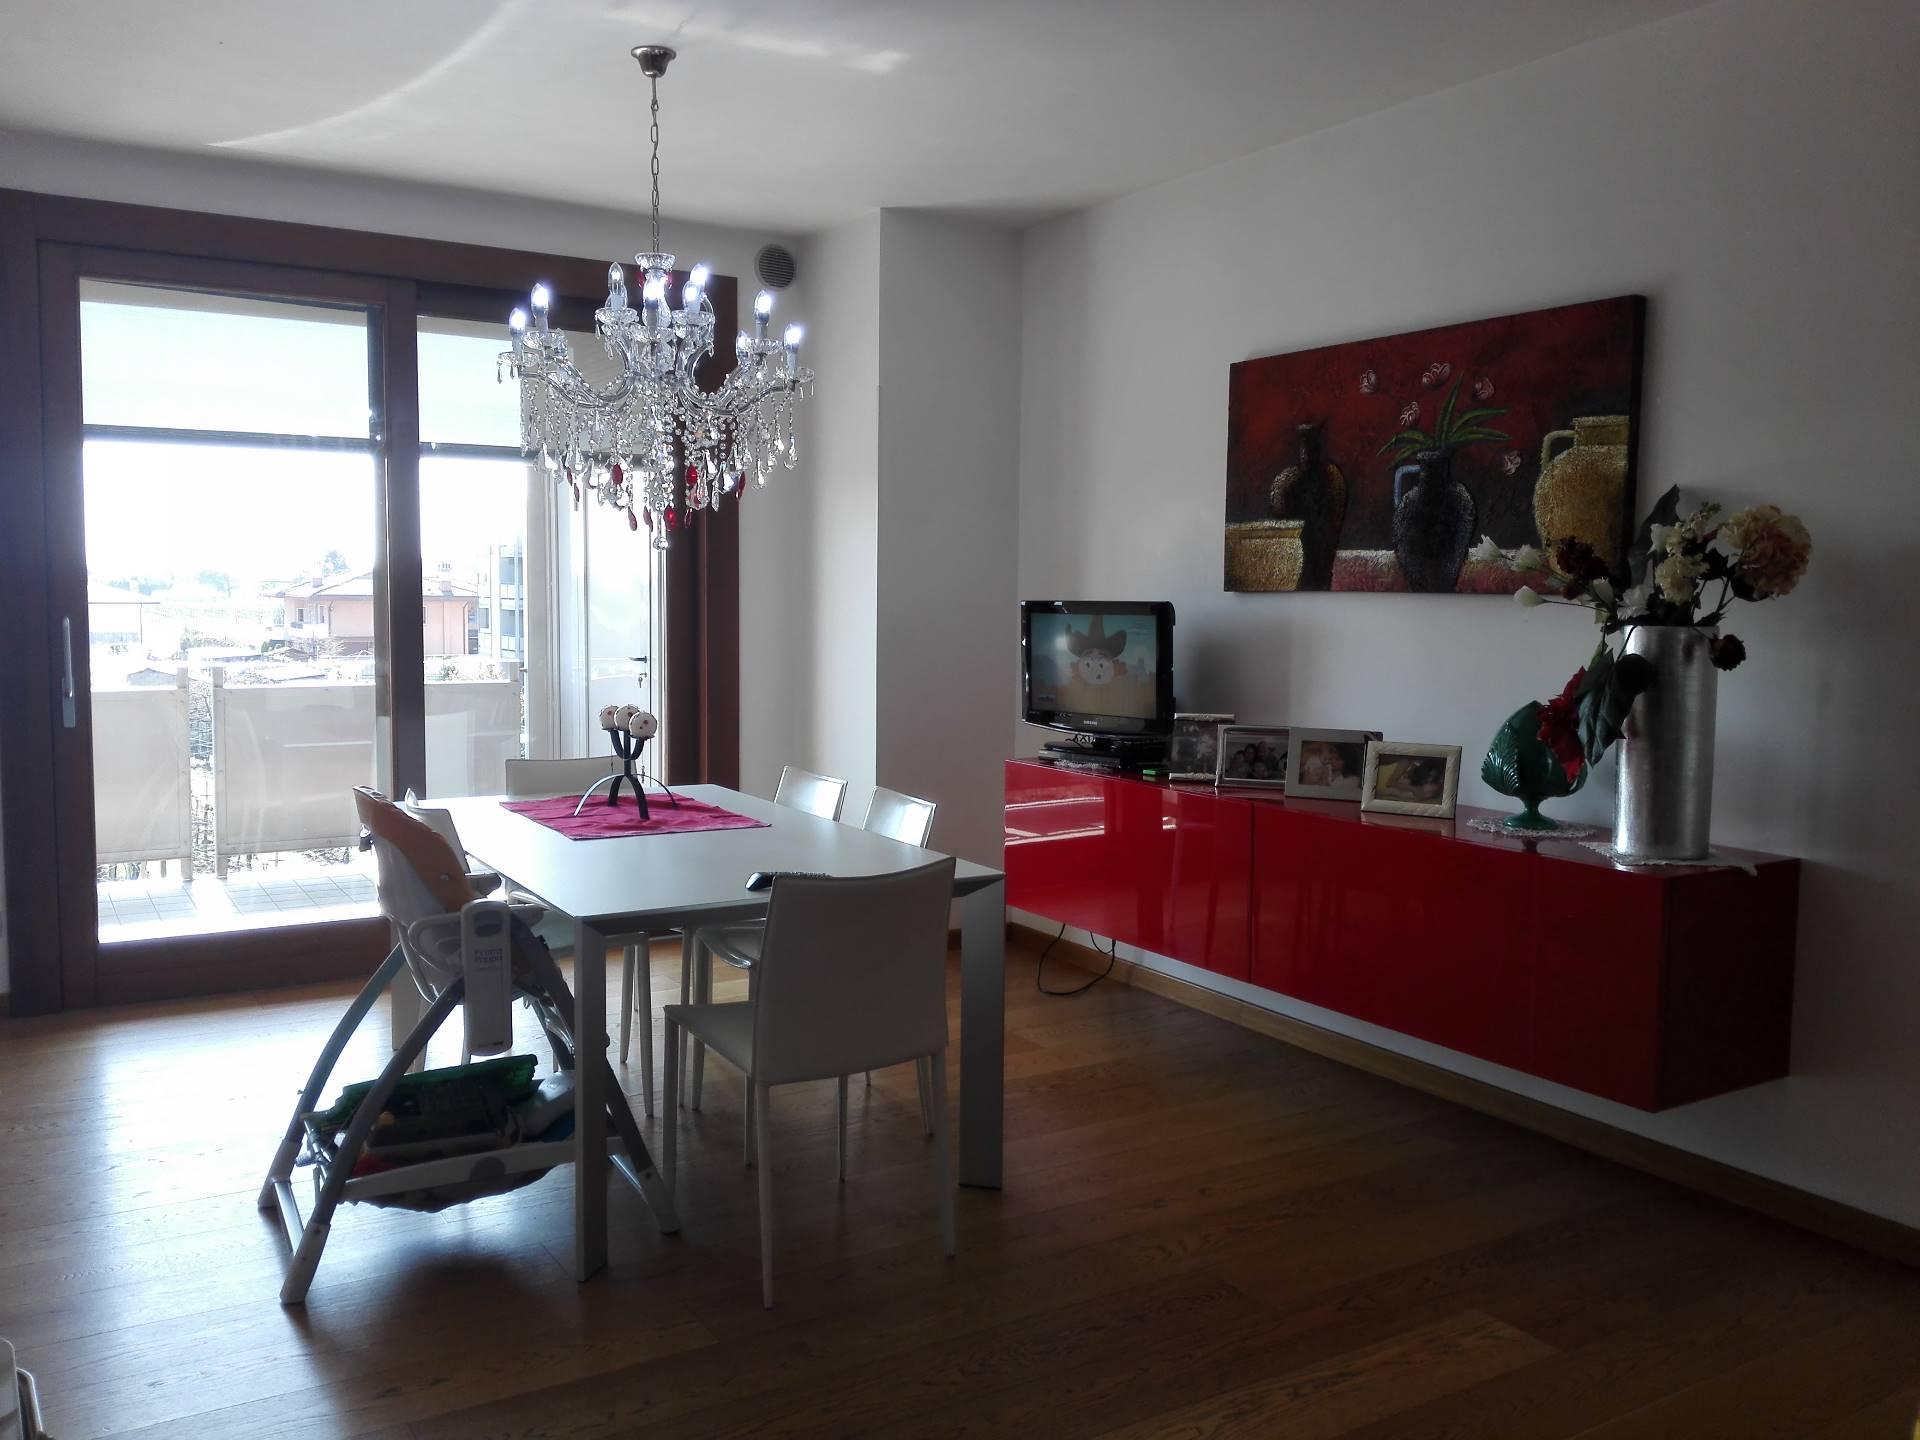 Attico / Mansarda in vendita a Santa Lucia di Piave, 5 locali, zona Zona: Sarano, prezzo € 395.000 | Cambio Casa.it